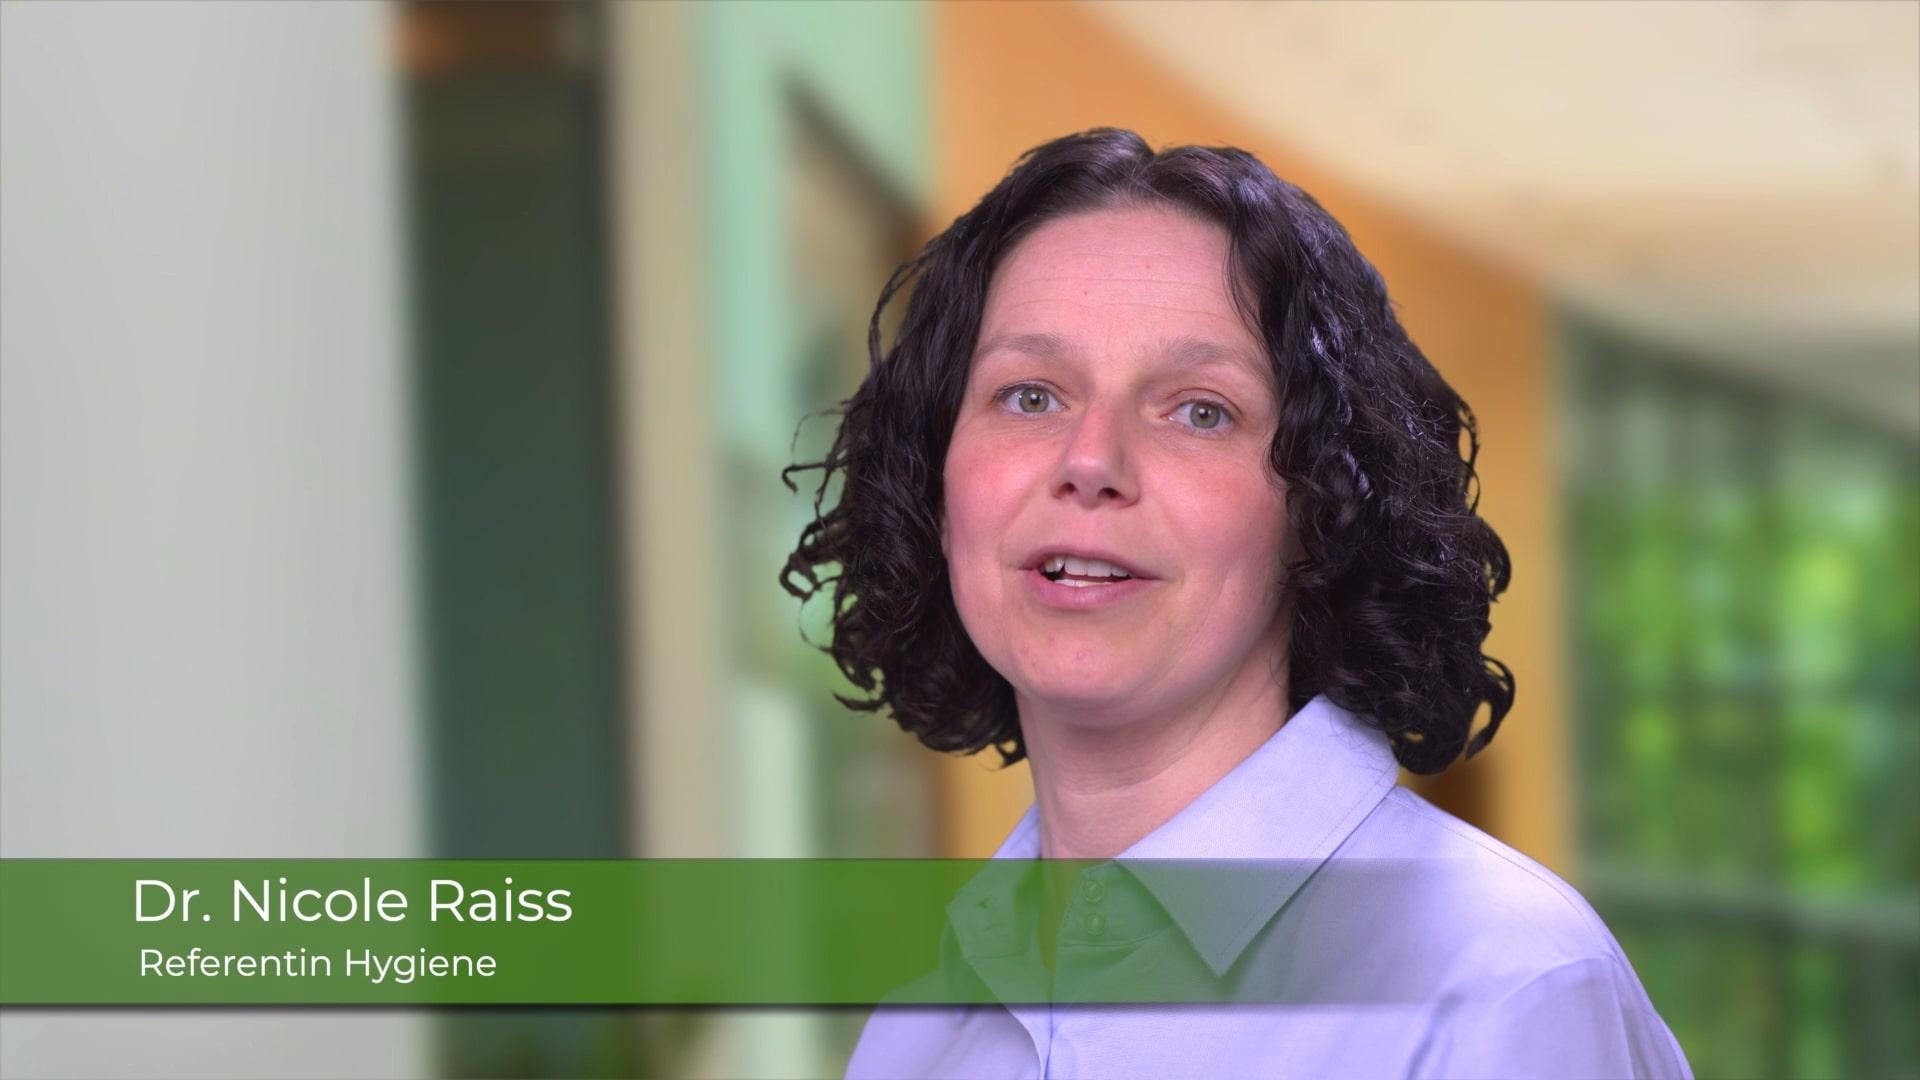 VDI geprüfte und zugelassene Referenten Hygiene führen sie durch die Onlinekurse